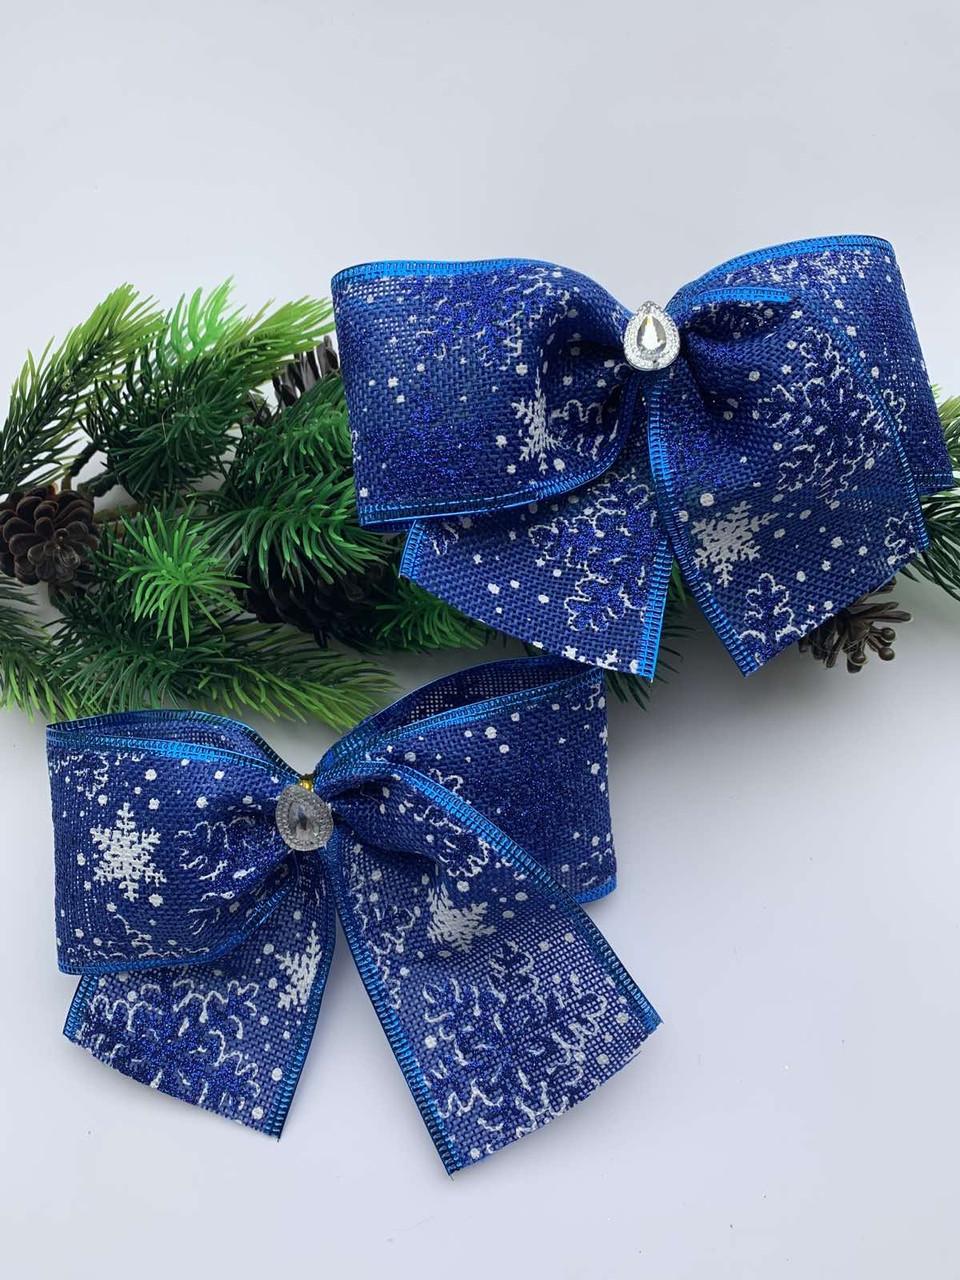 Новогодний декор-бантик.Бантик для декора большой , синий (15 см)(10 штук)